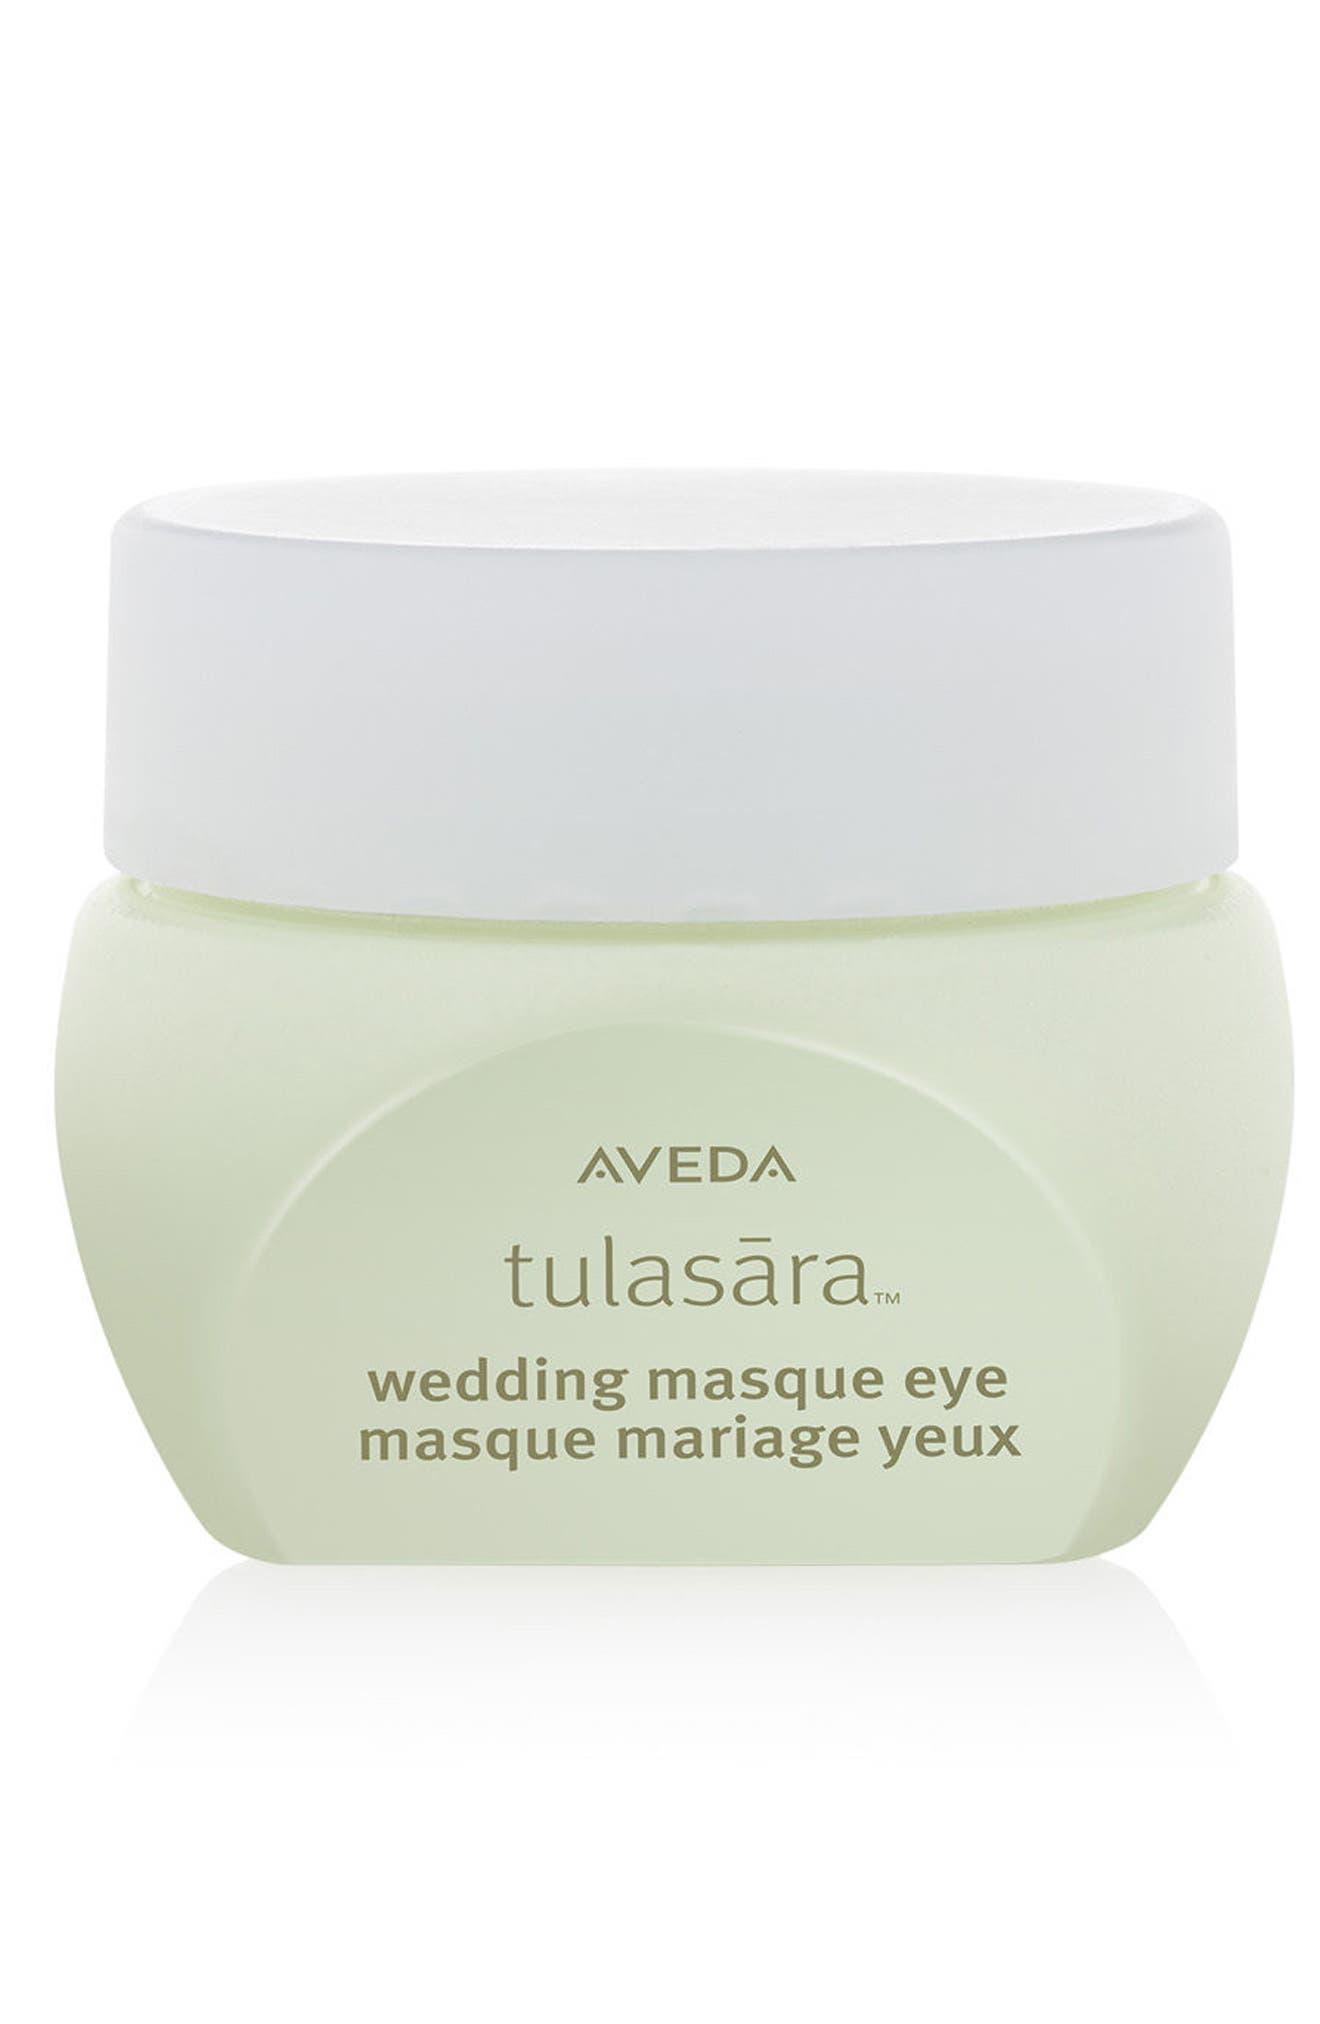 Aveda tulasara™ Wedding Masque Eye Overnight